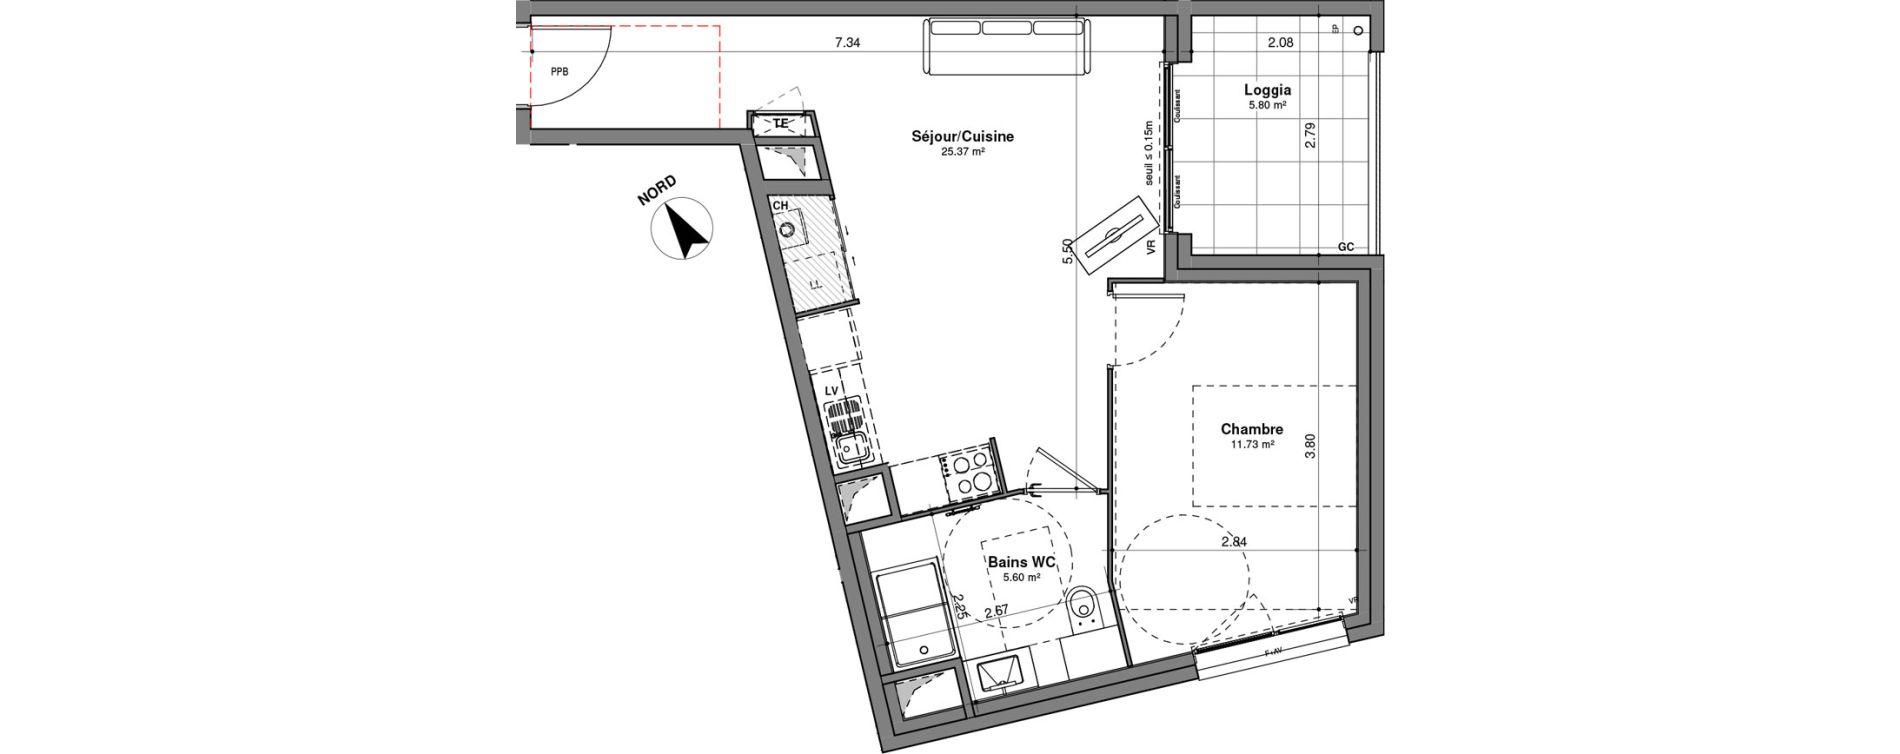 Appartement T2 de 42,70 m2 à Lyon Santy - la plaine (8eme)